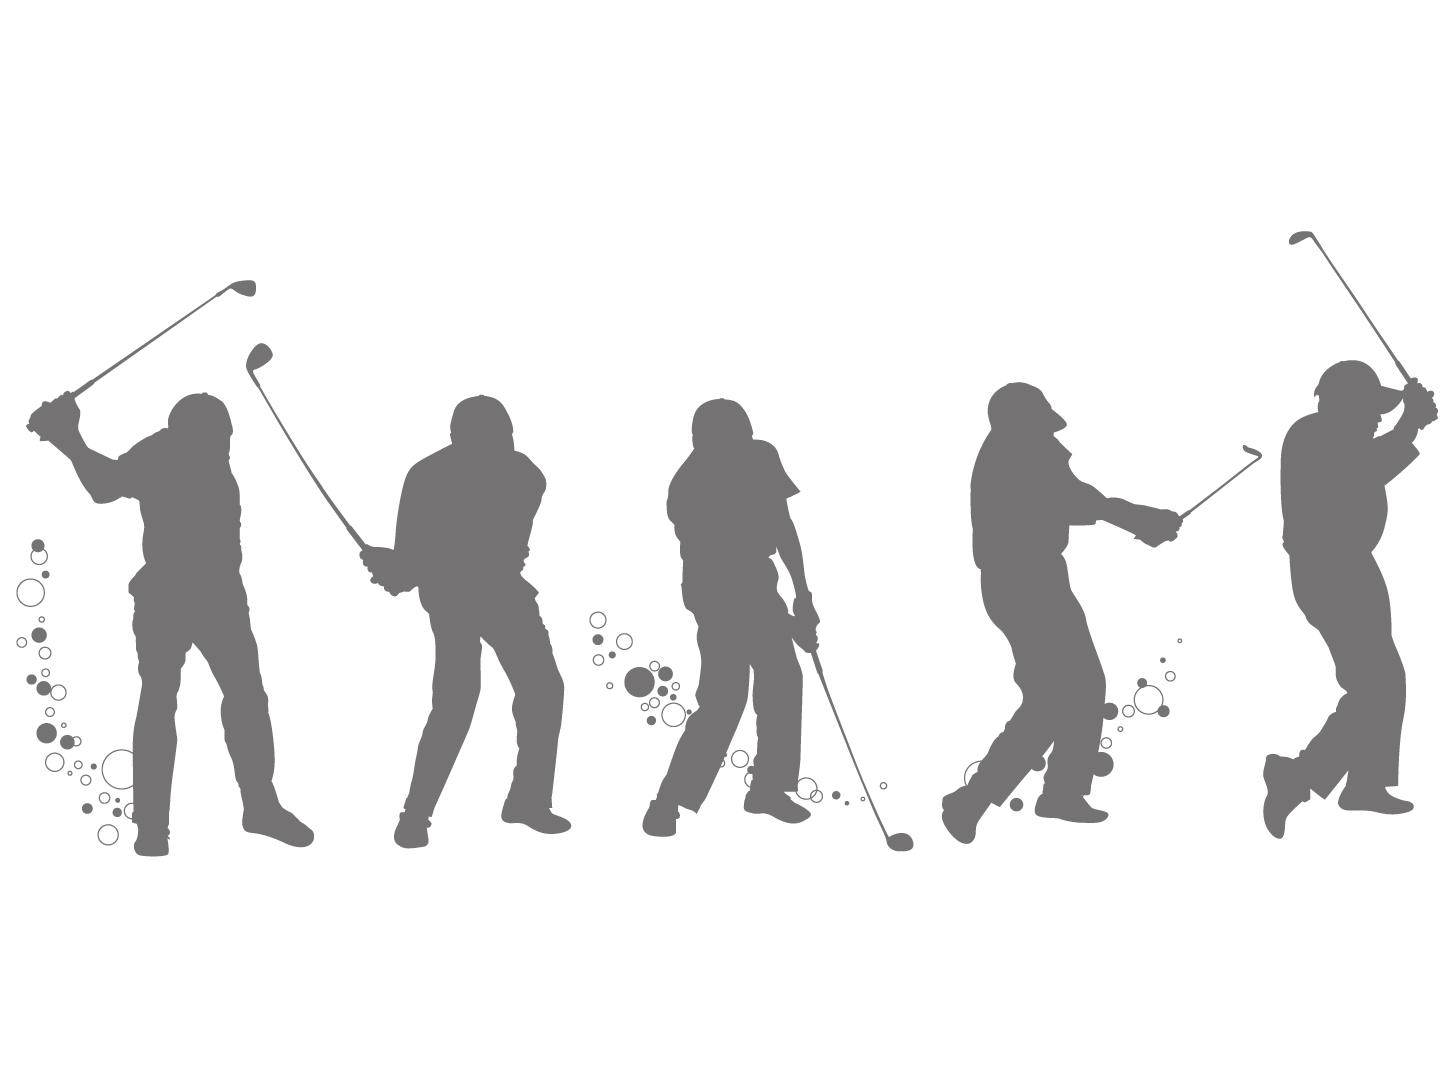 ゴルフスイングでトップで動きを止めるイメージは必要?